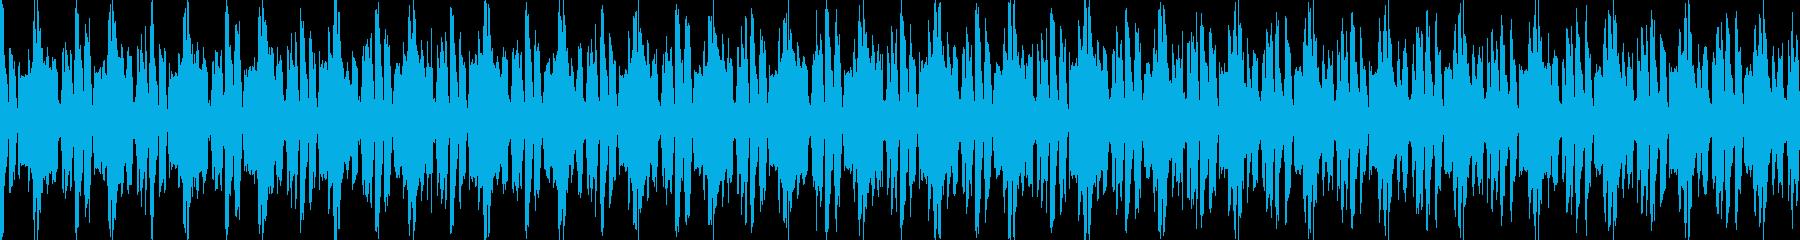 軽快でコミカルな日常系ジングルの再生済みの波形